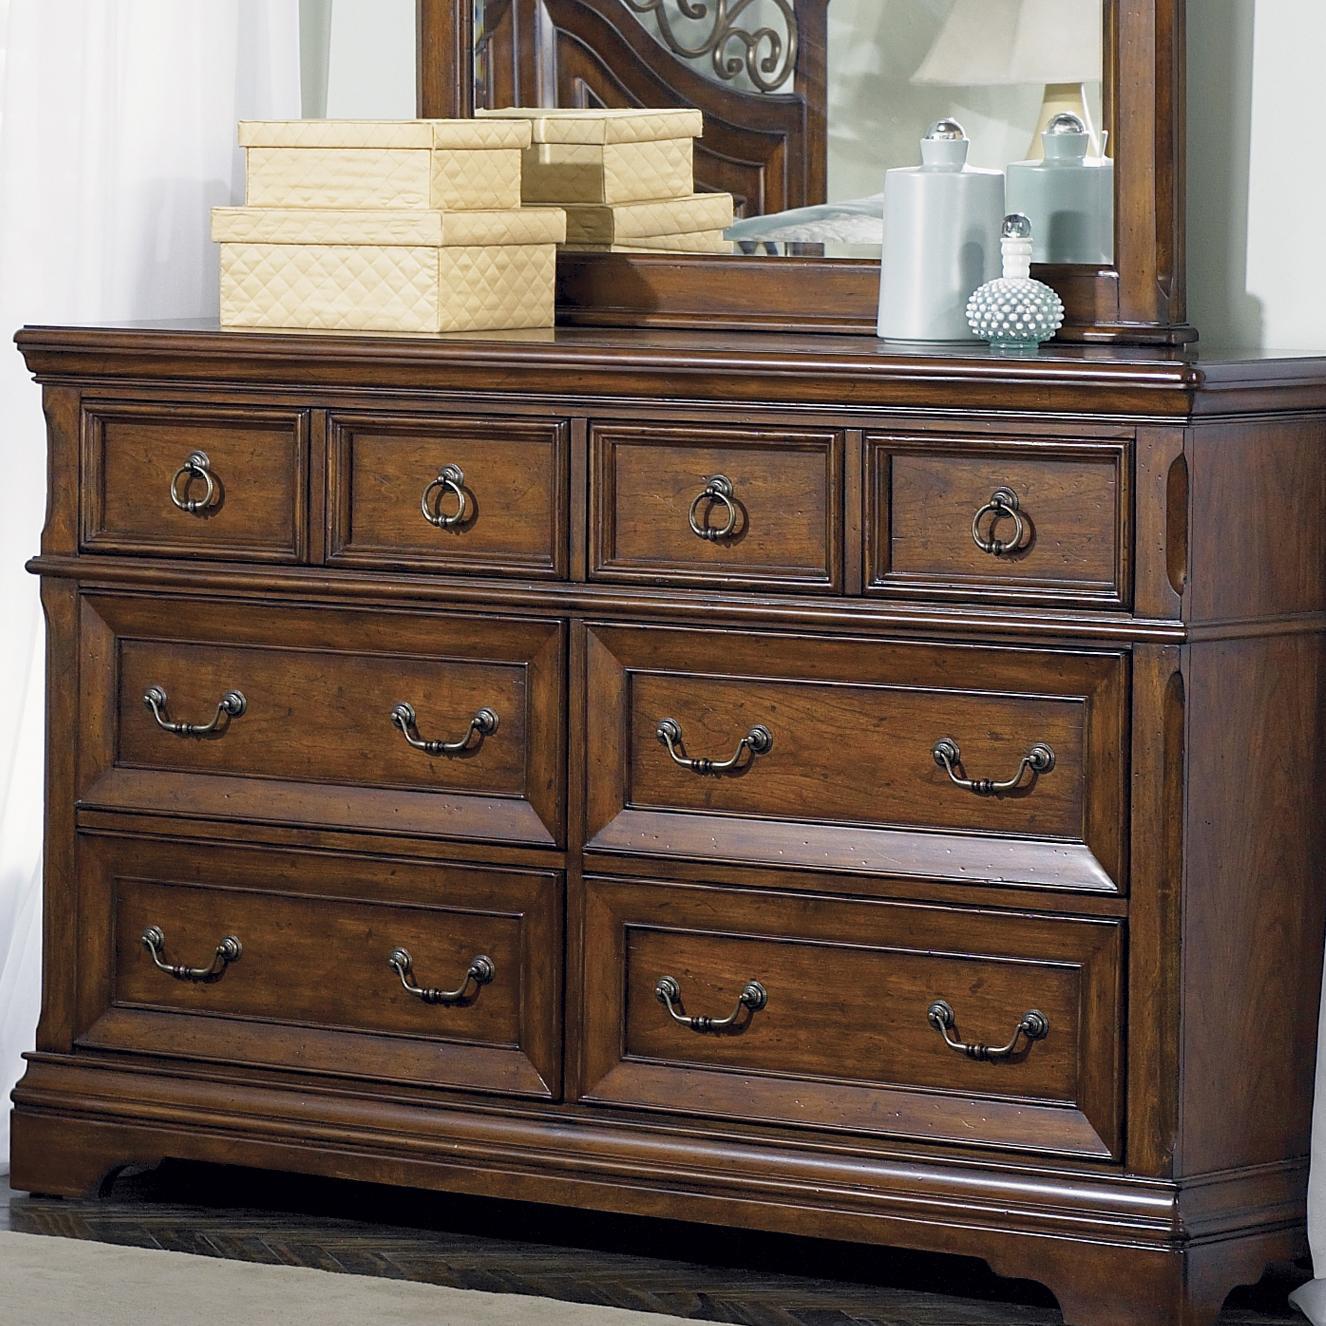 Liberty Furniture Laurelwood 6 Drawer Dresser - Item Number: 547-BR31